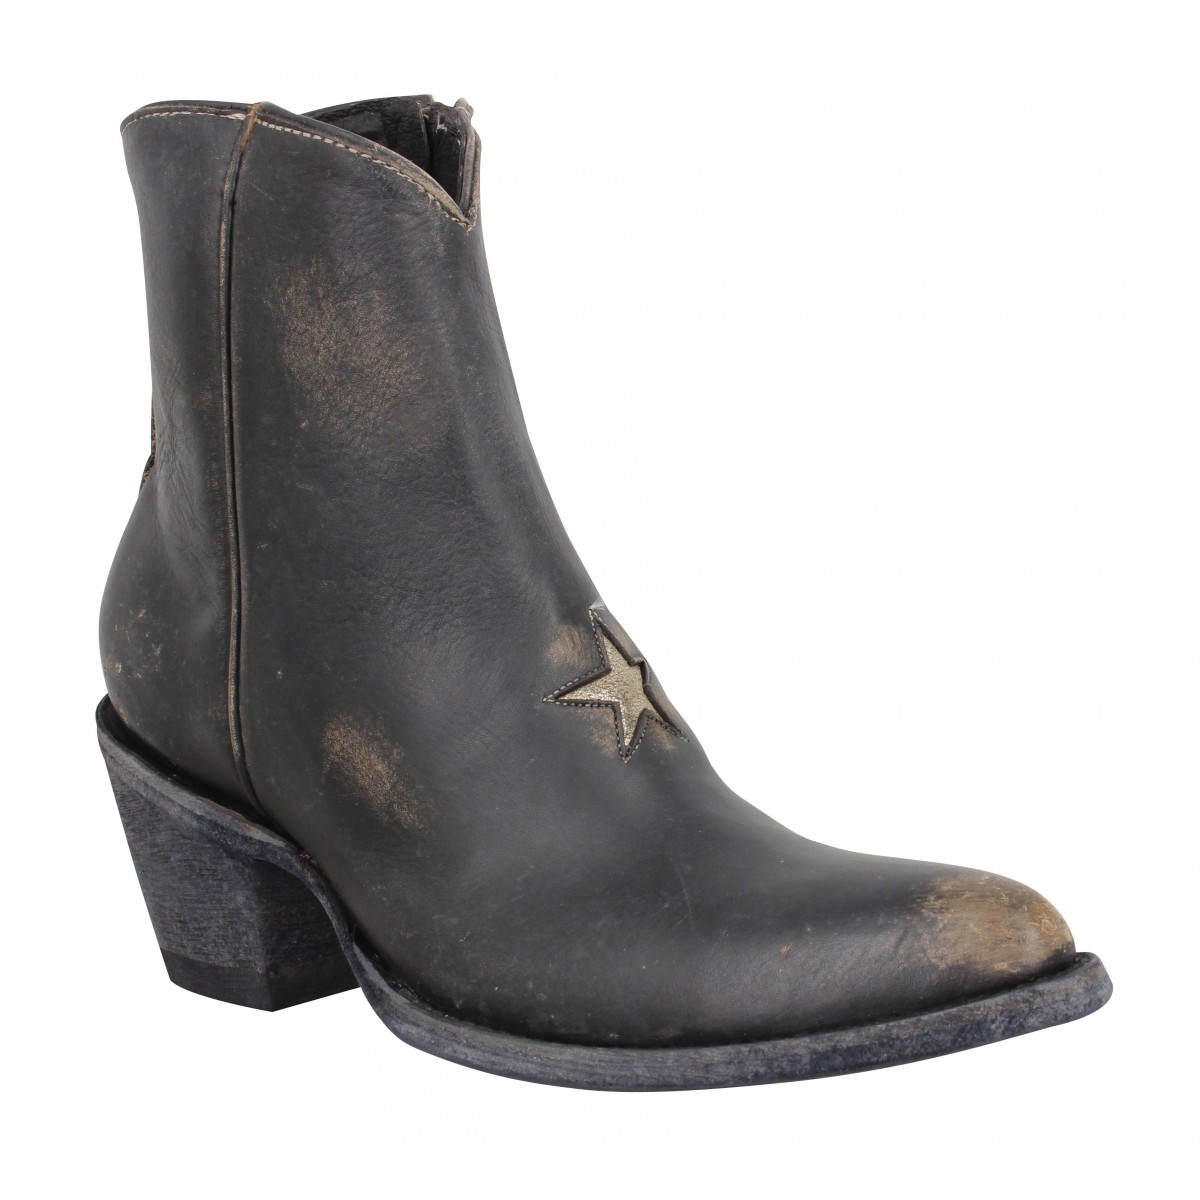 Bottines MEXICANA Star 2 cuir Femme Noir